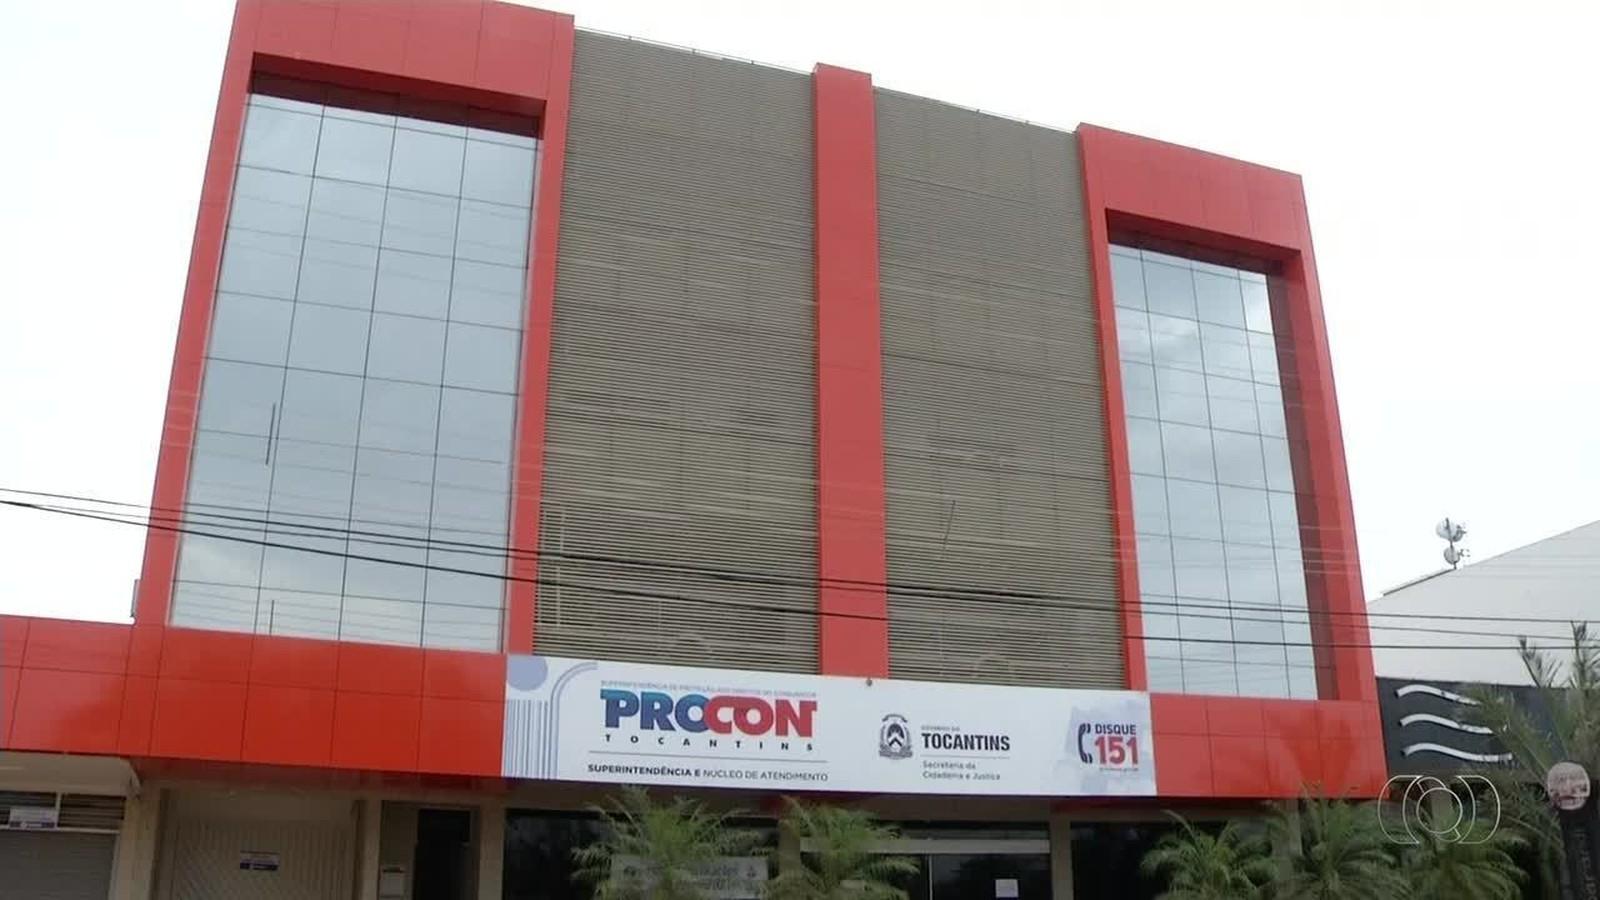 Procon Tocantins notifica operadora Claro por má prestação dos serviços em Combinado